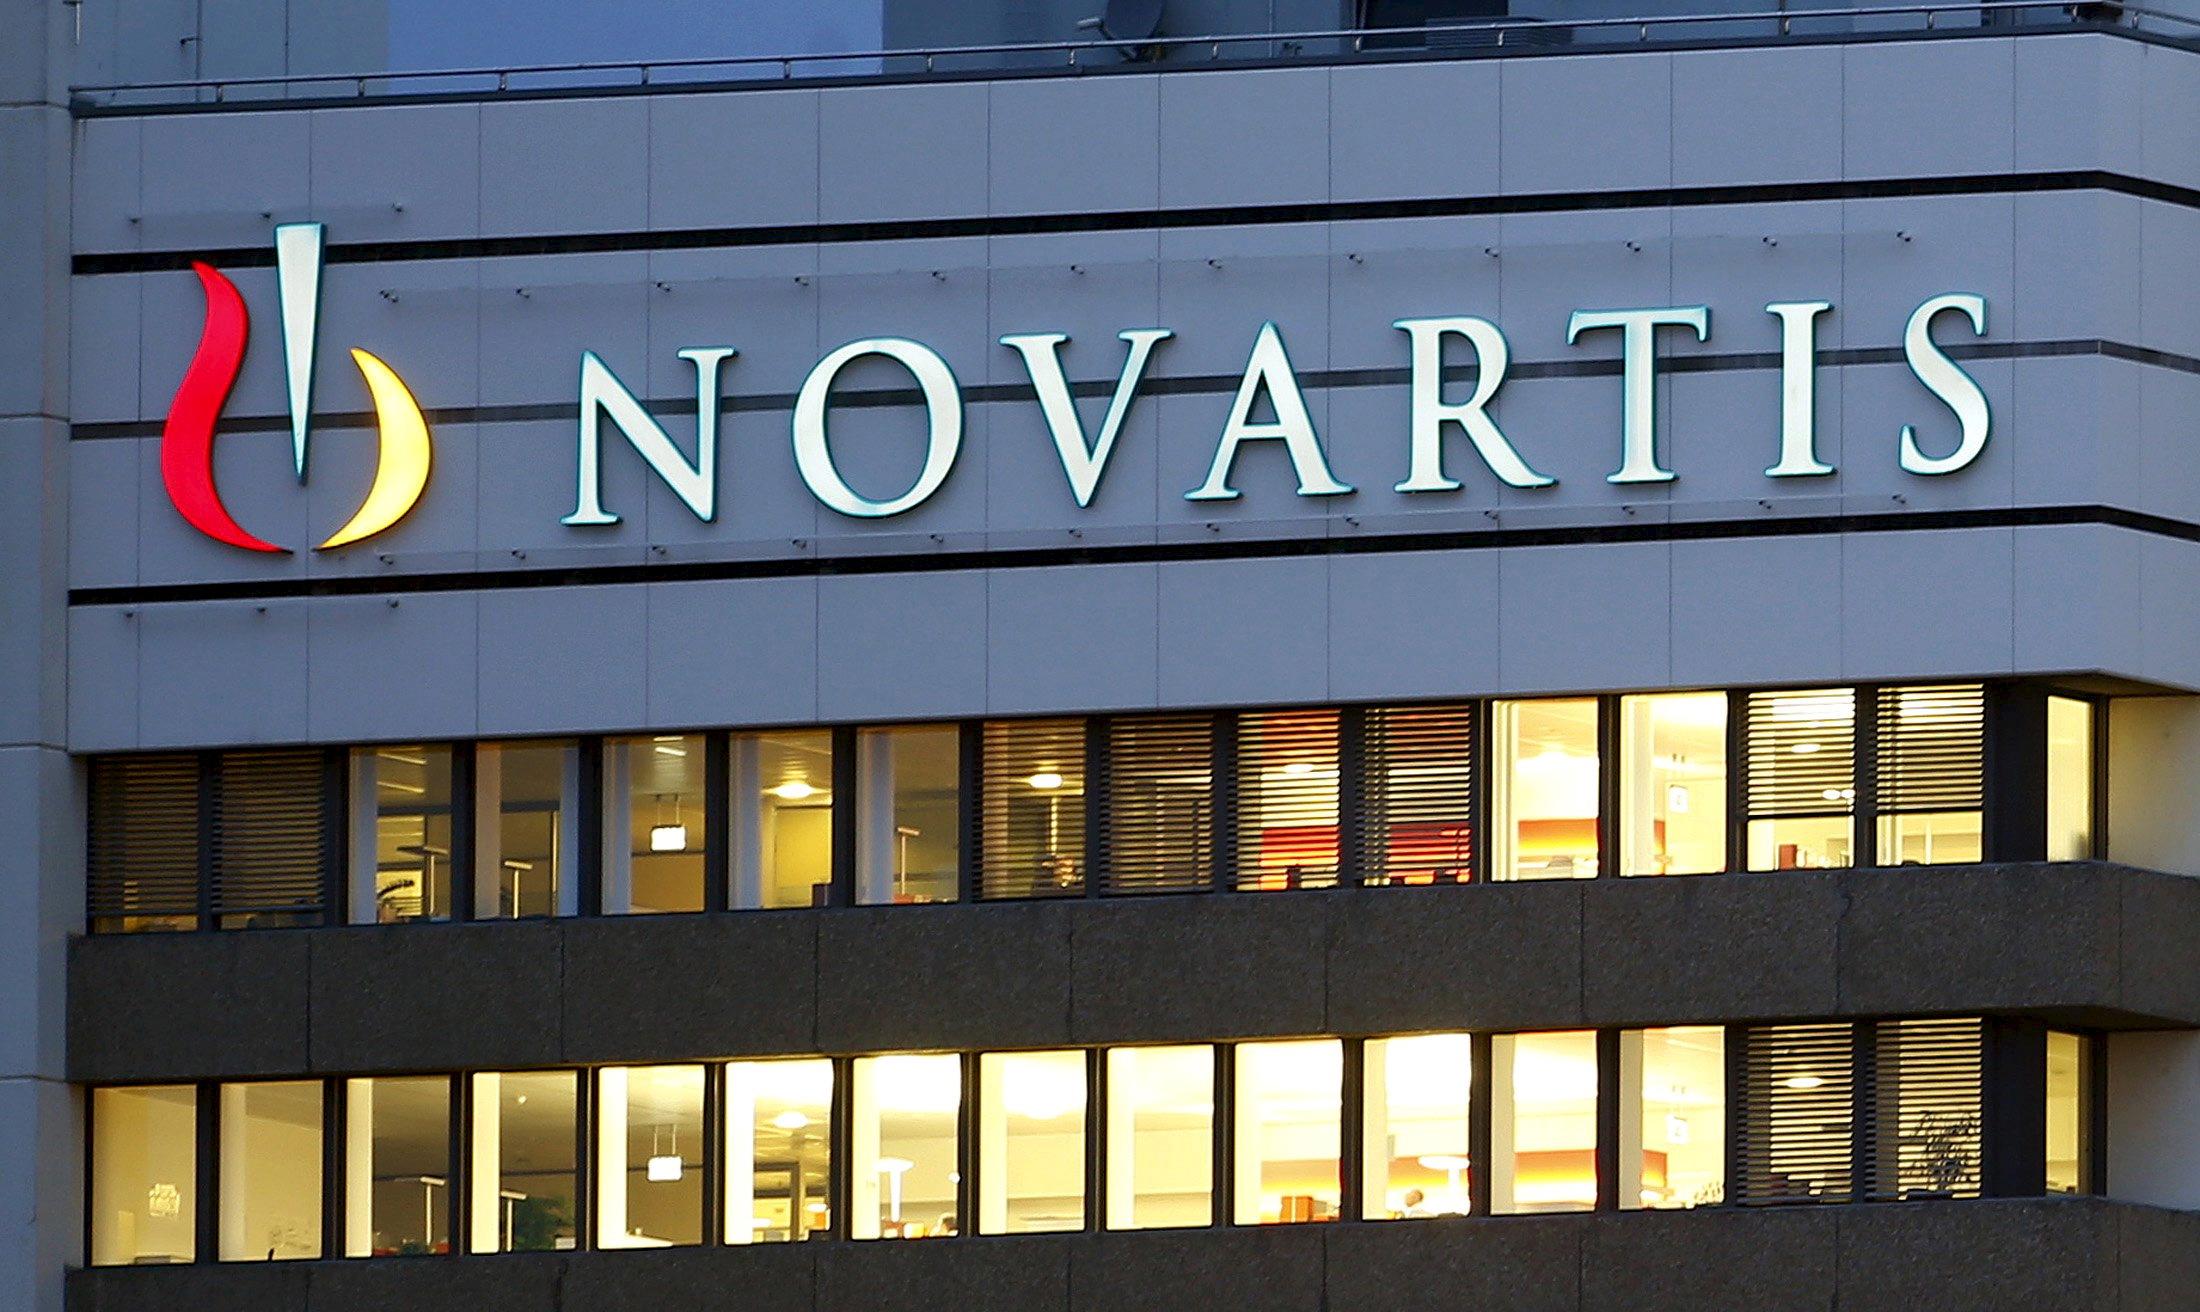 Novartis: Ο Αγγελής καταγγέλλει ότι ο ''Ρασπούτιν'' καθοδηγούσε την Ελένη Τουλουπάκη για fast track διώξεις